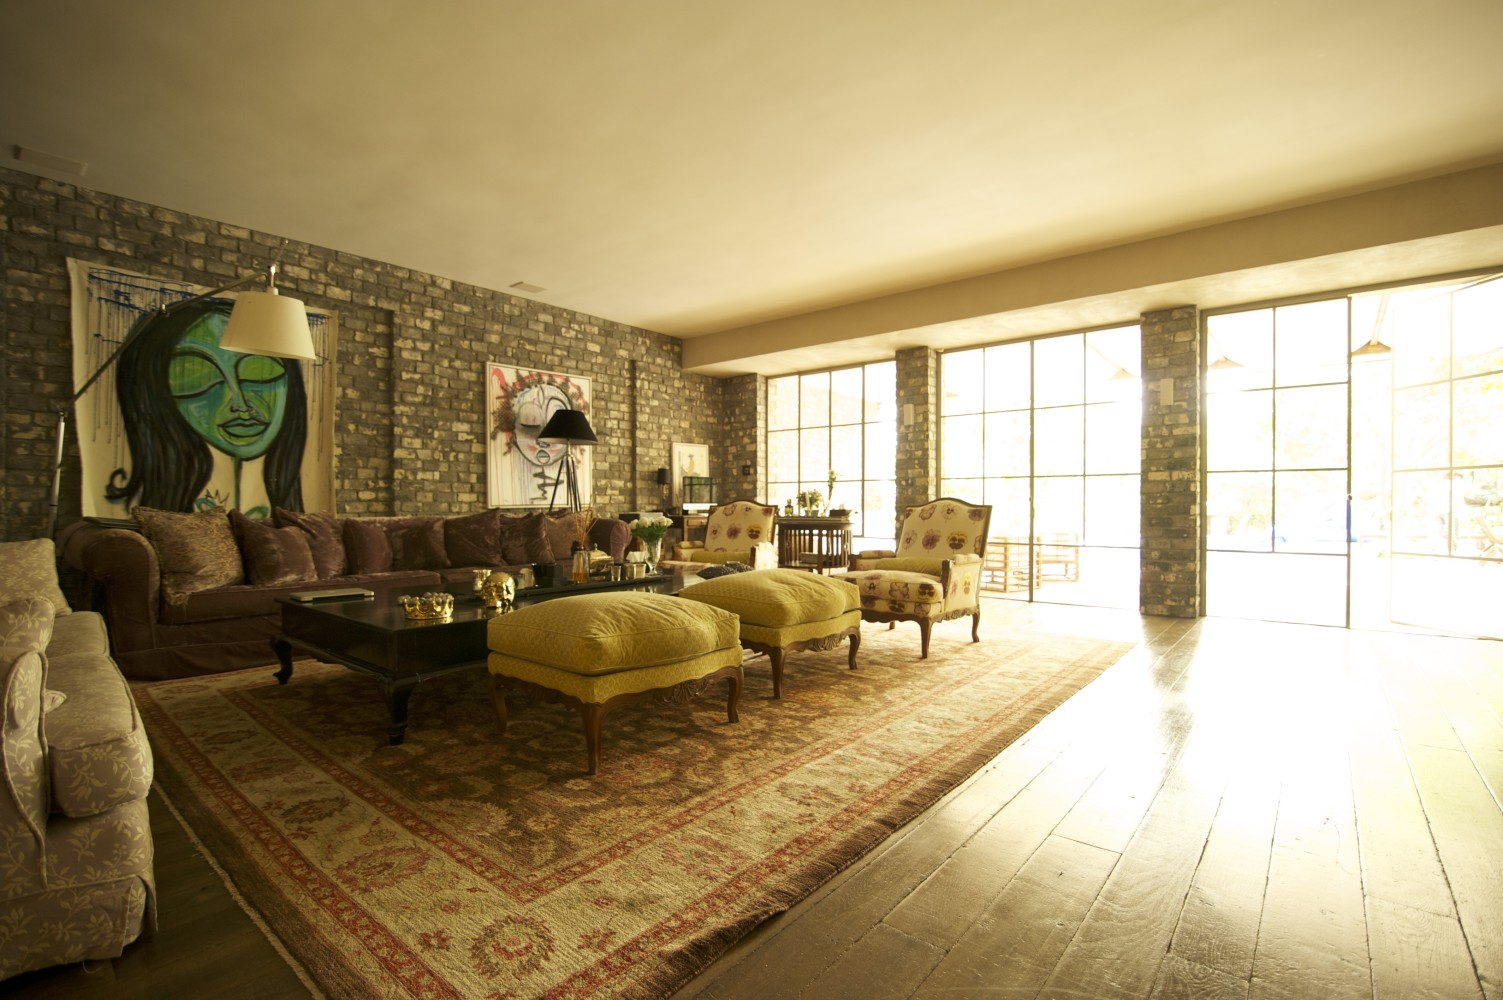 שלוש ויטרינות הסלון פרופיל בלגי משבצות גדולות – ארטפרו חלונות בלגיים בתל אביב